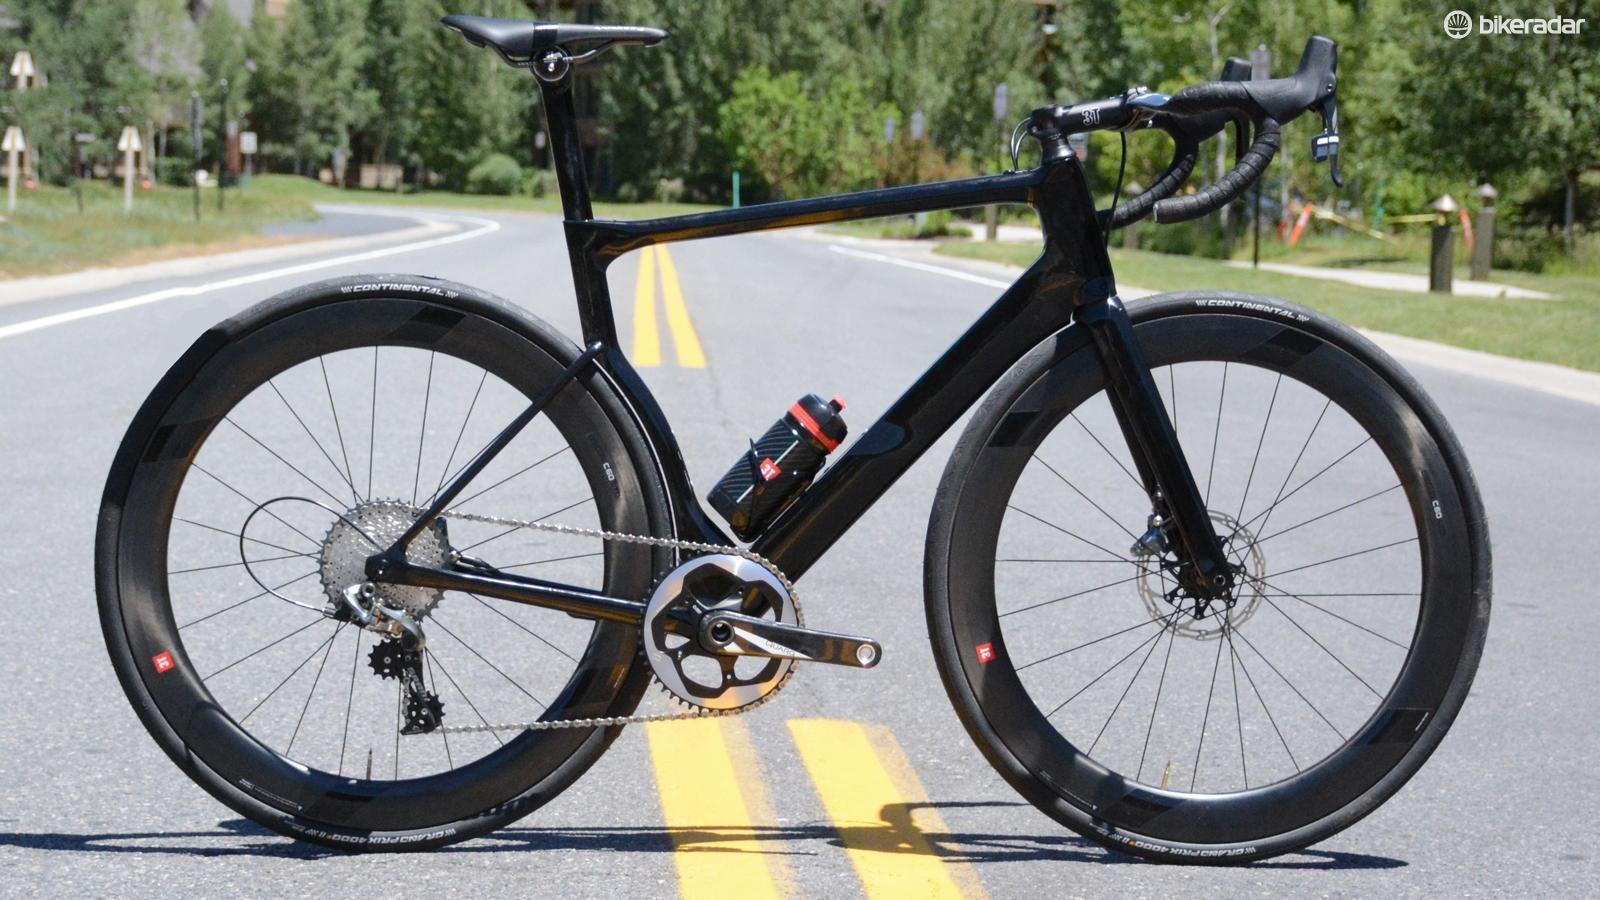 3t Strada 1x Aero Bike For Rough Roads Bike Riding Benefits Bicycle Best Road Bike